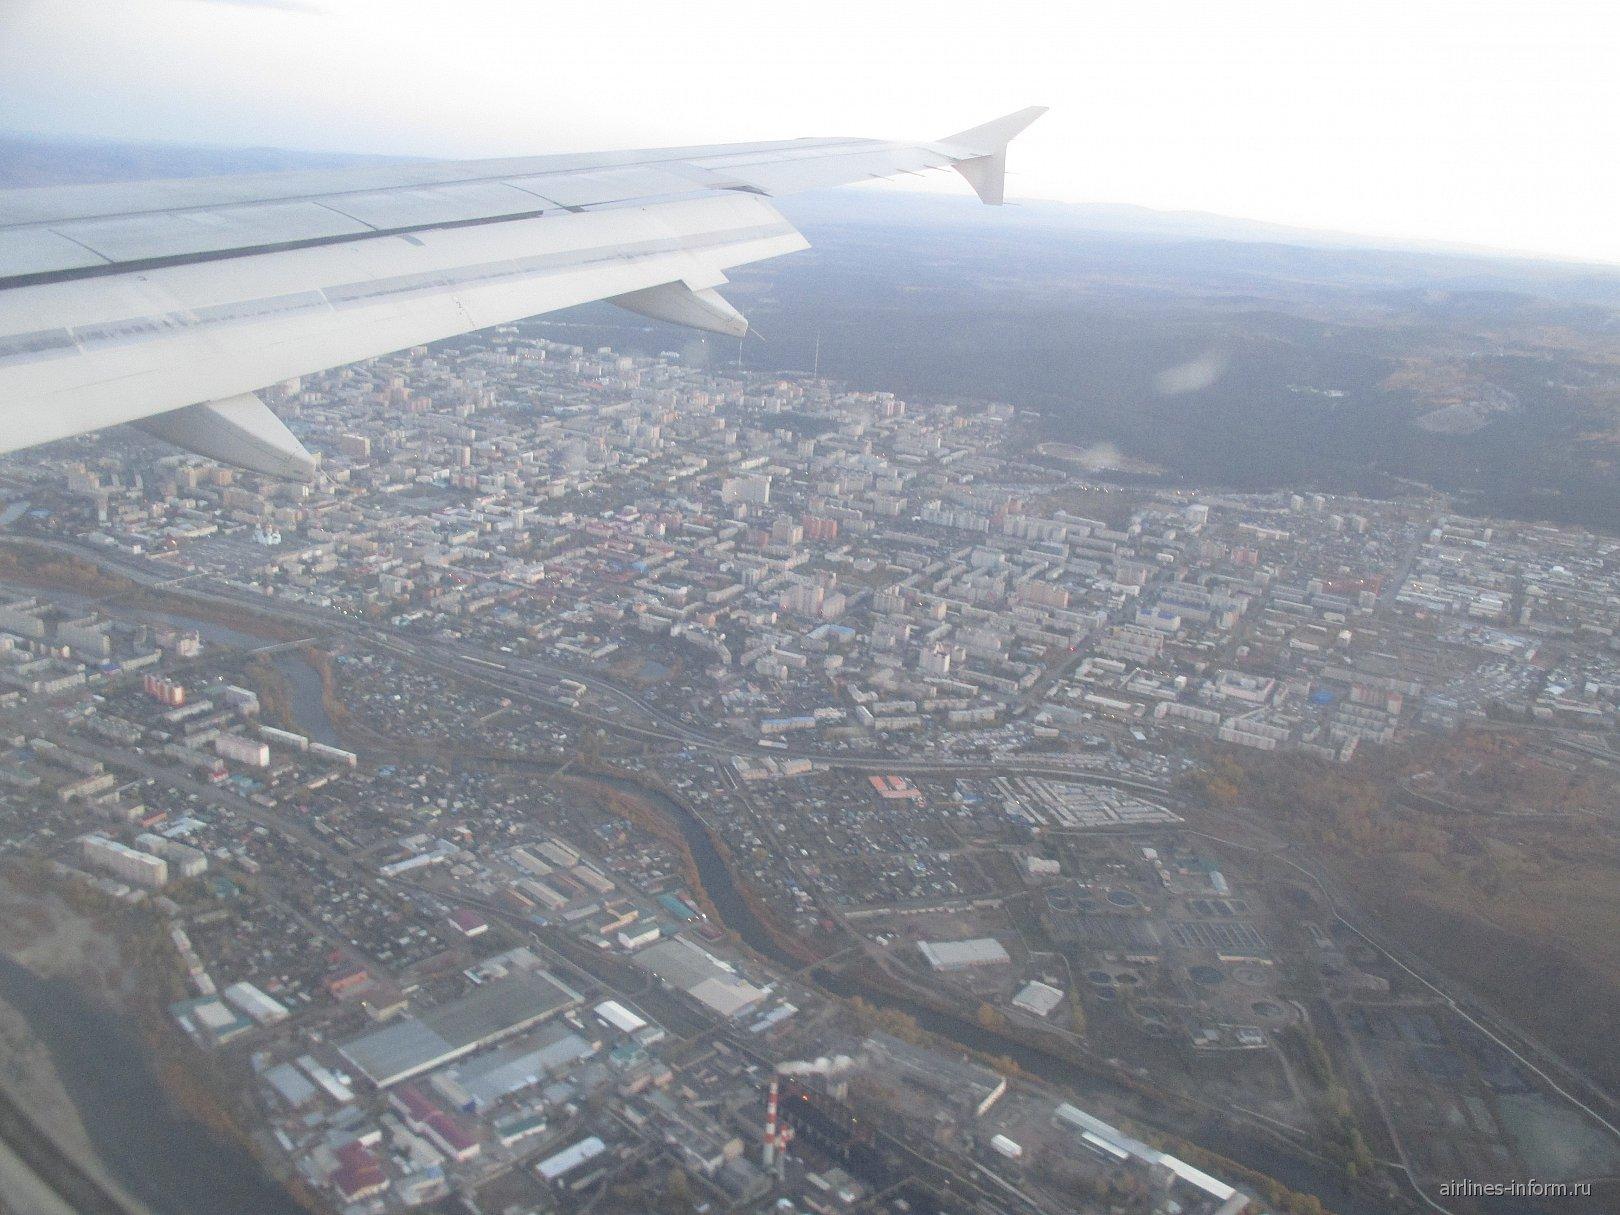 Авиабилеты из Читы в Москву Домодедово цены расписание